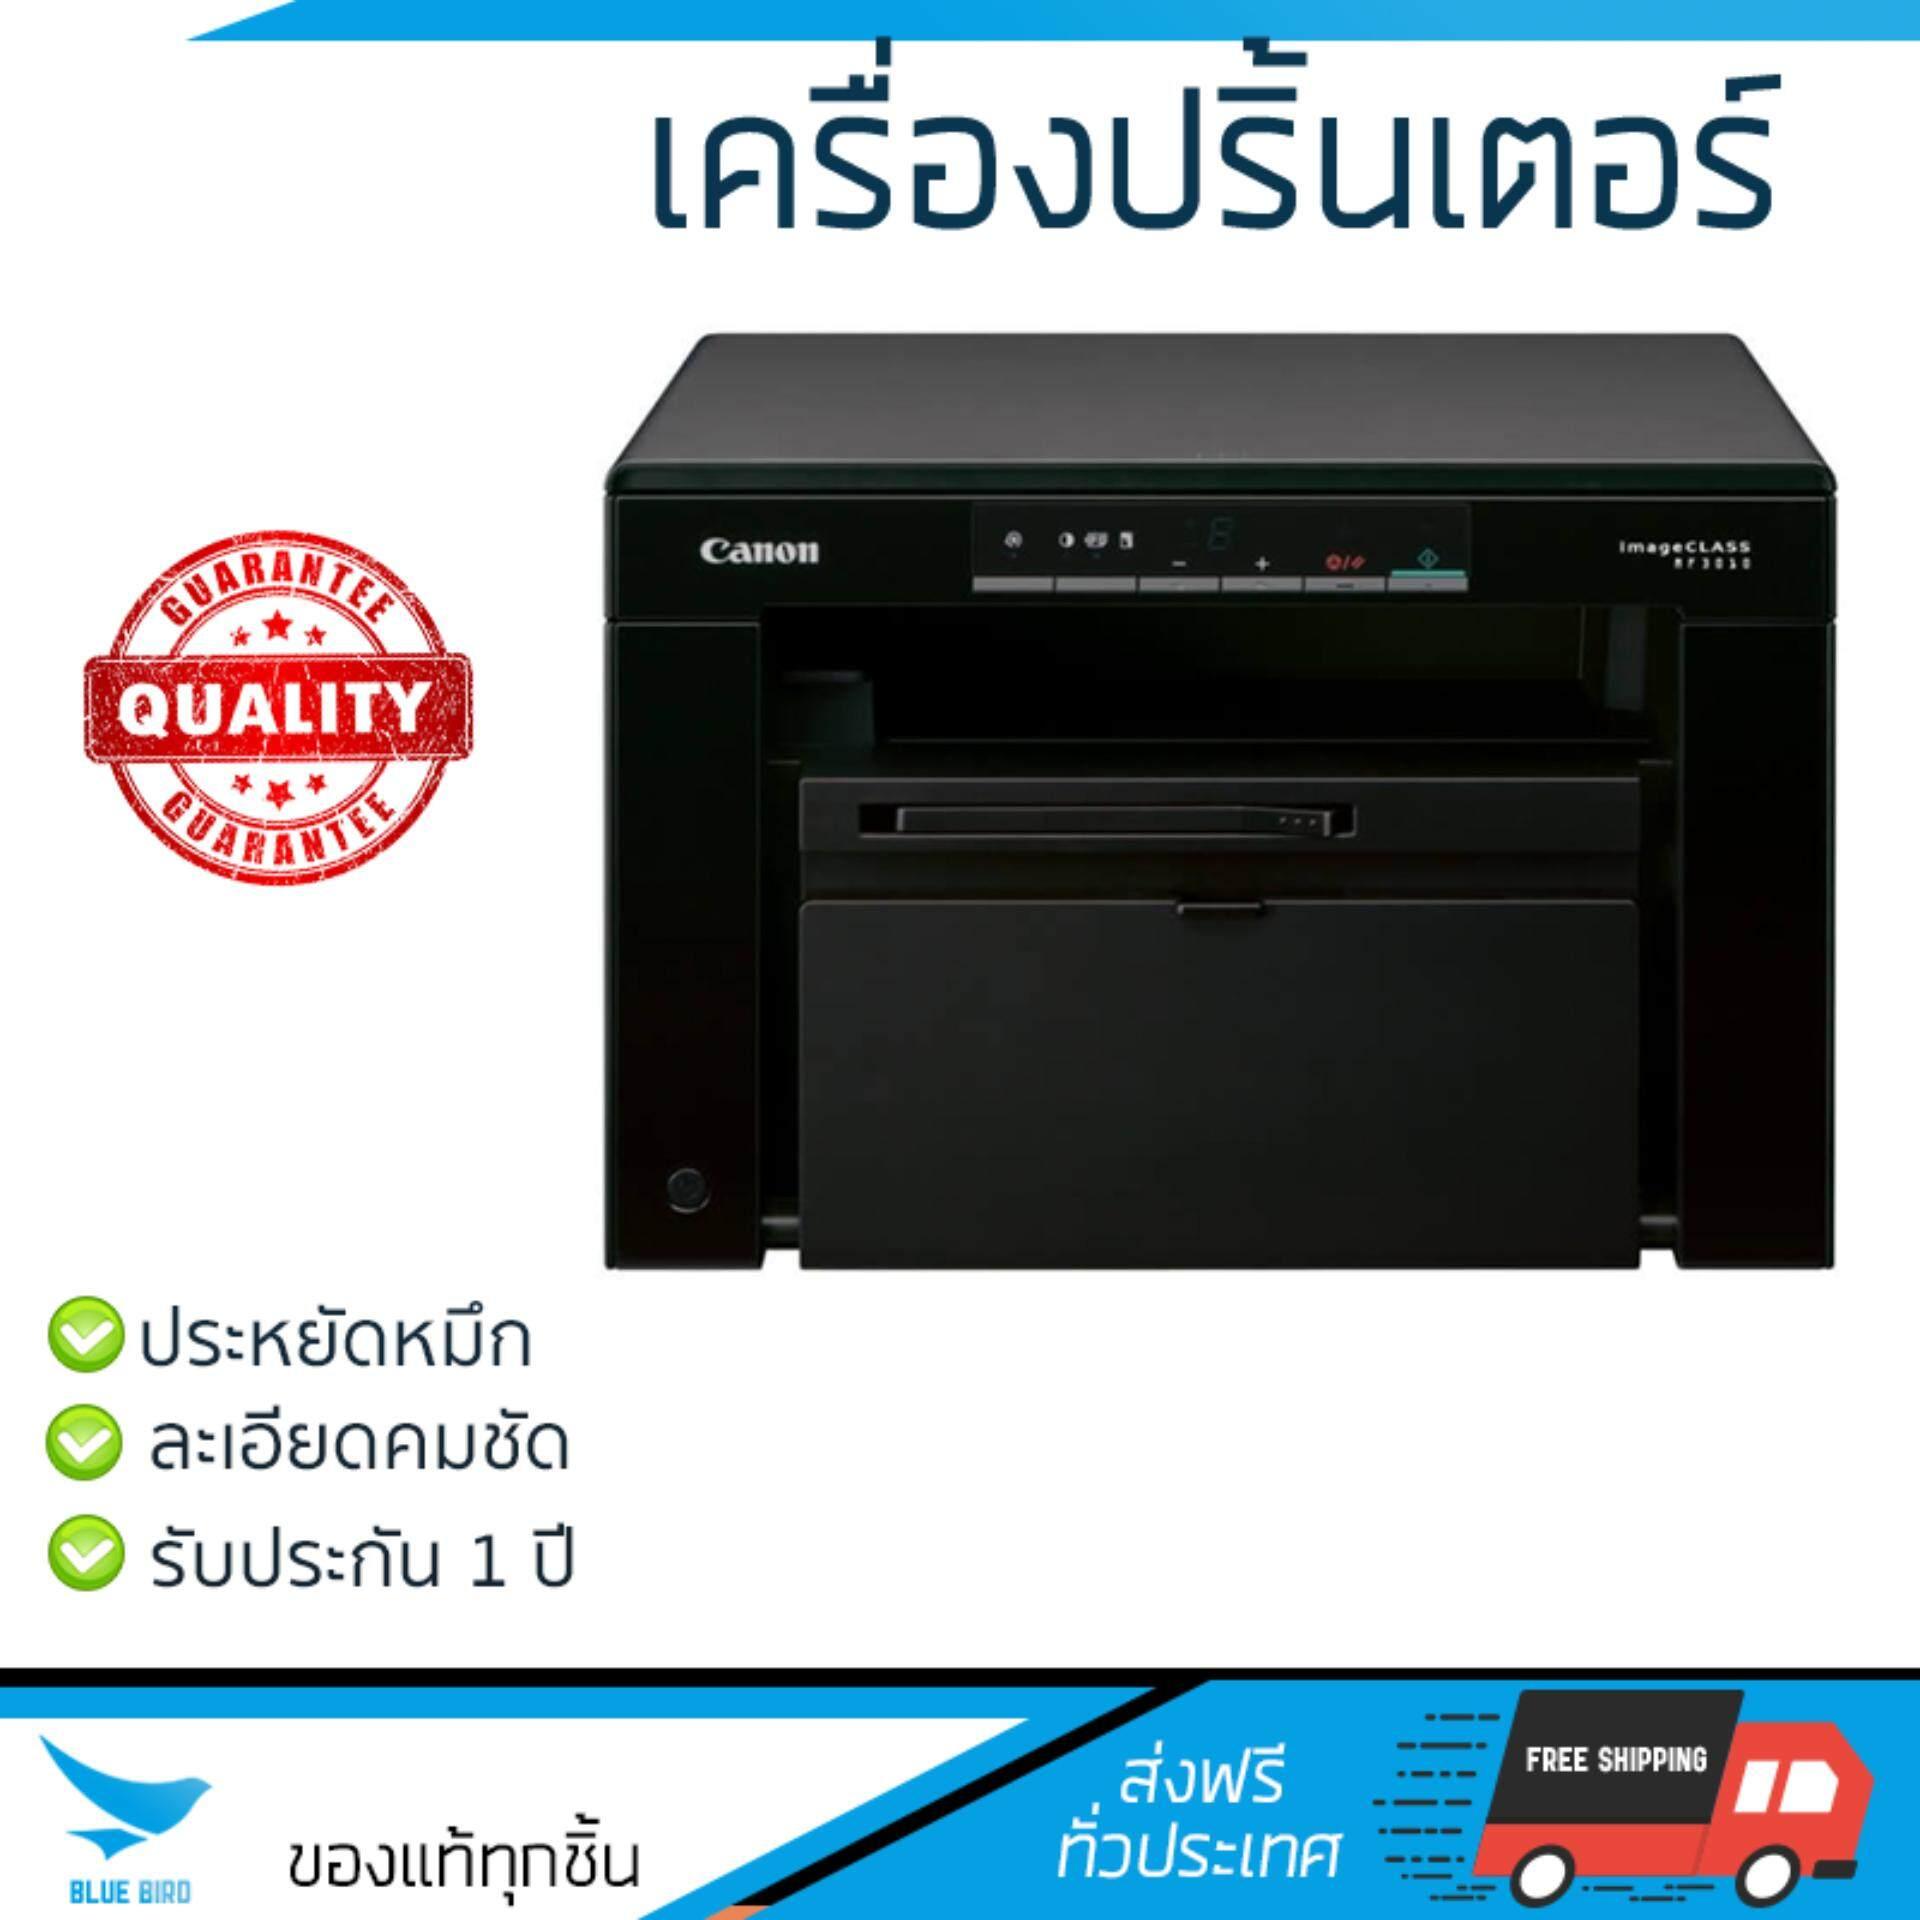 สุดยอดสินค้า!! โปรโมชัน เครื่องพิมพ์เลเซอร์           CANON ปริ้นเตอร์ Canon รุ่น MULTI LS3IN1 MF3010             ความละเอียดสูง คมชัด พิมพ์ได้รวดเร็ว เครื่องปริ้น เครื่องปริ้นท์ Laser Printer รับประก